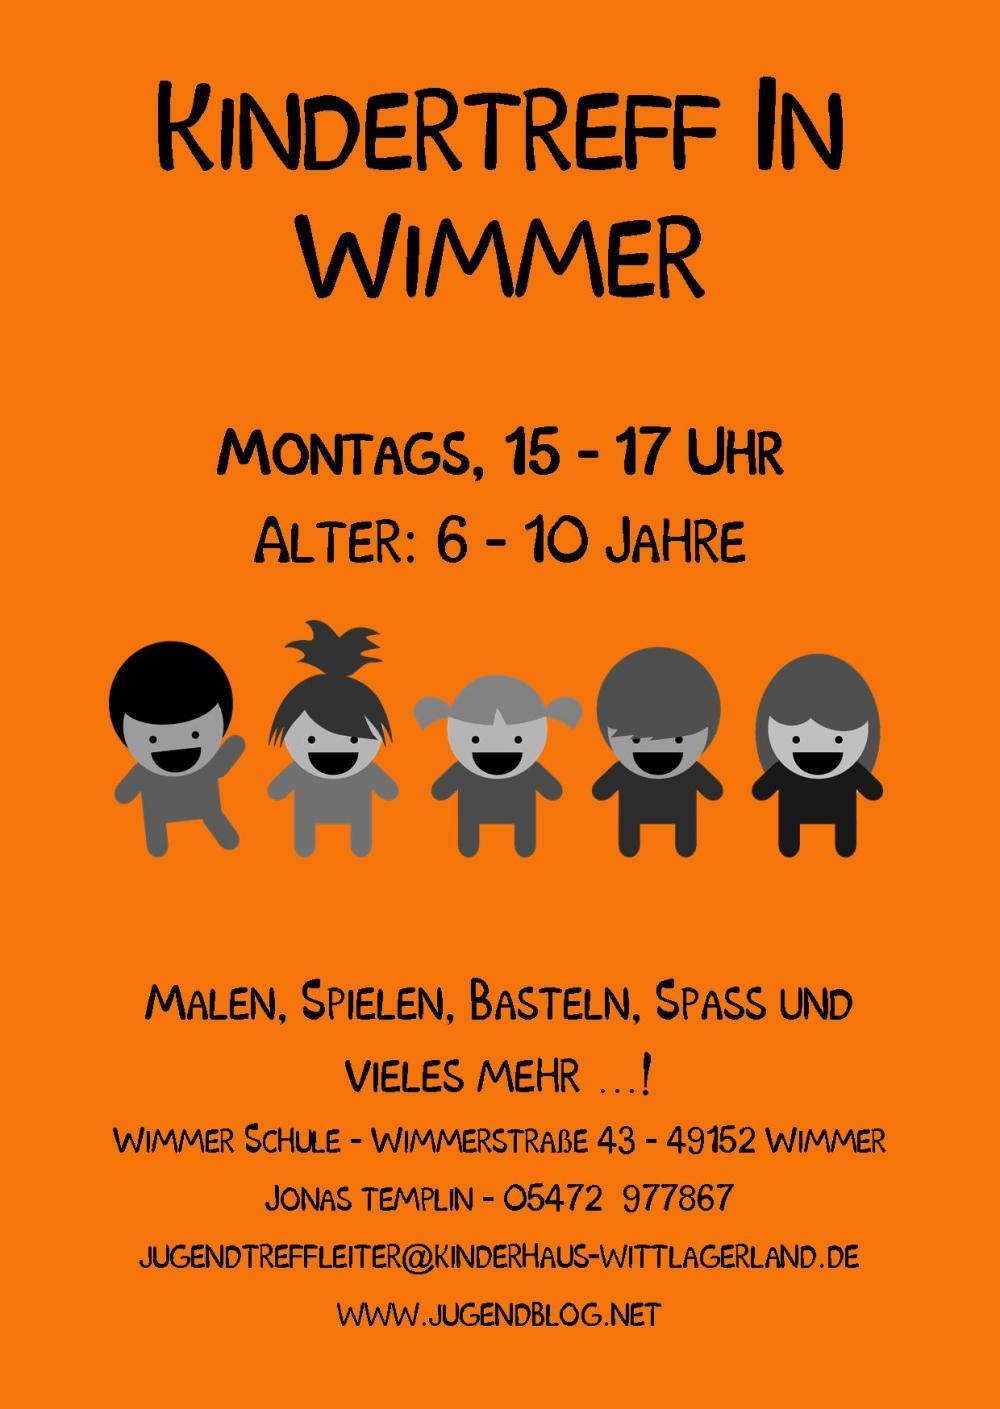 Kindertag Wimmer-Schule front Publisher 01.2015 Orange